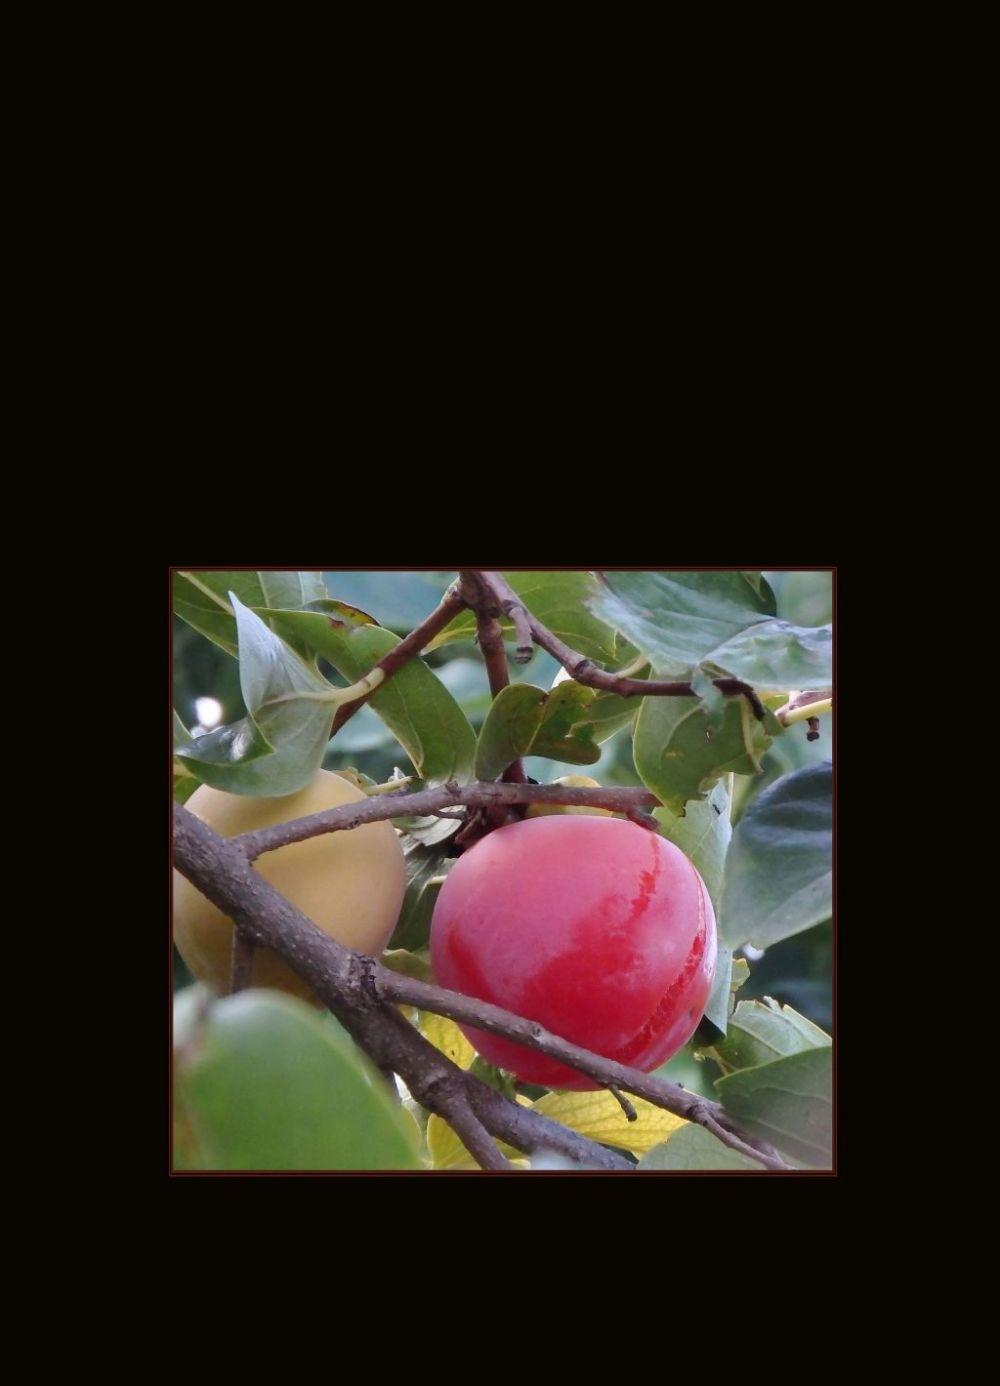 Ripe Persimmon Fruit